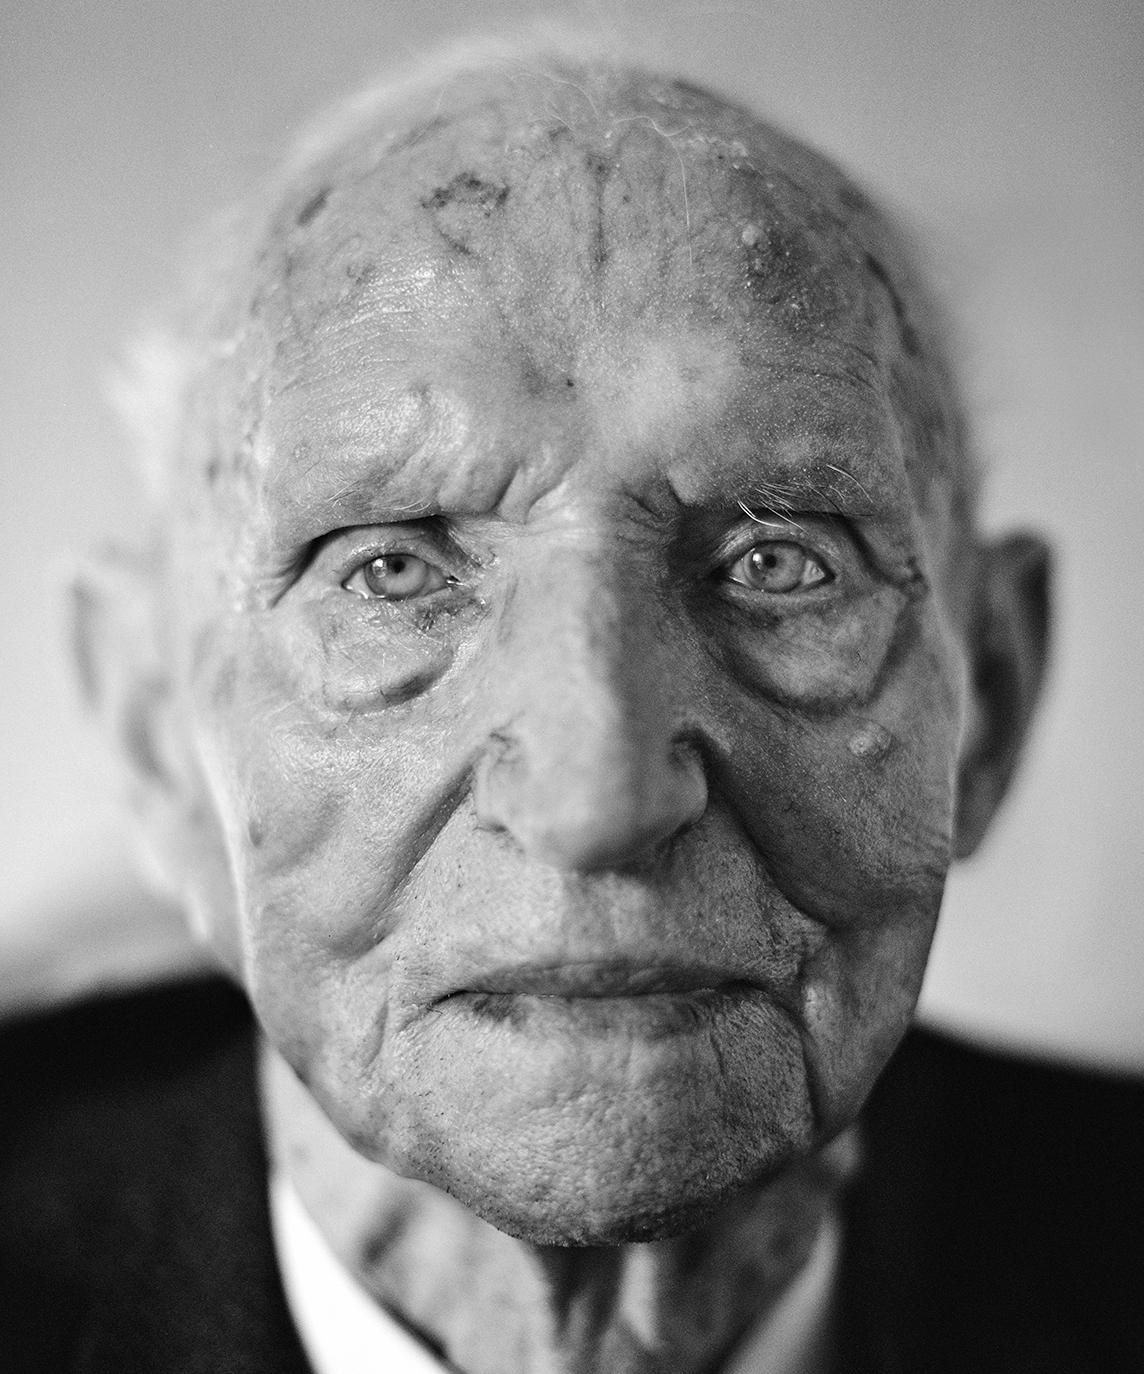 Ein 107-Jähriger.